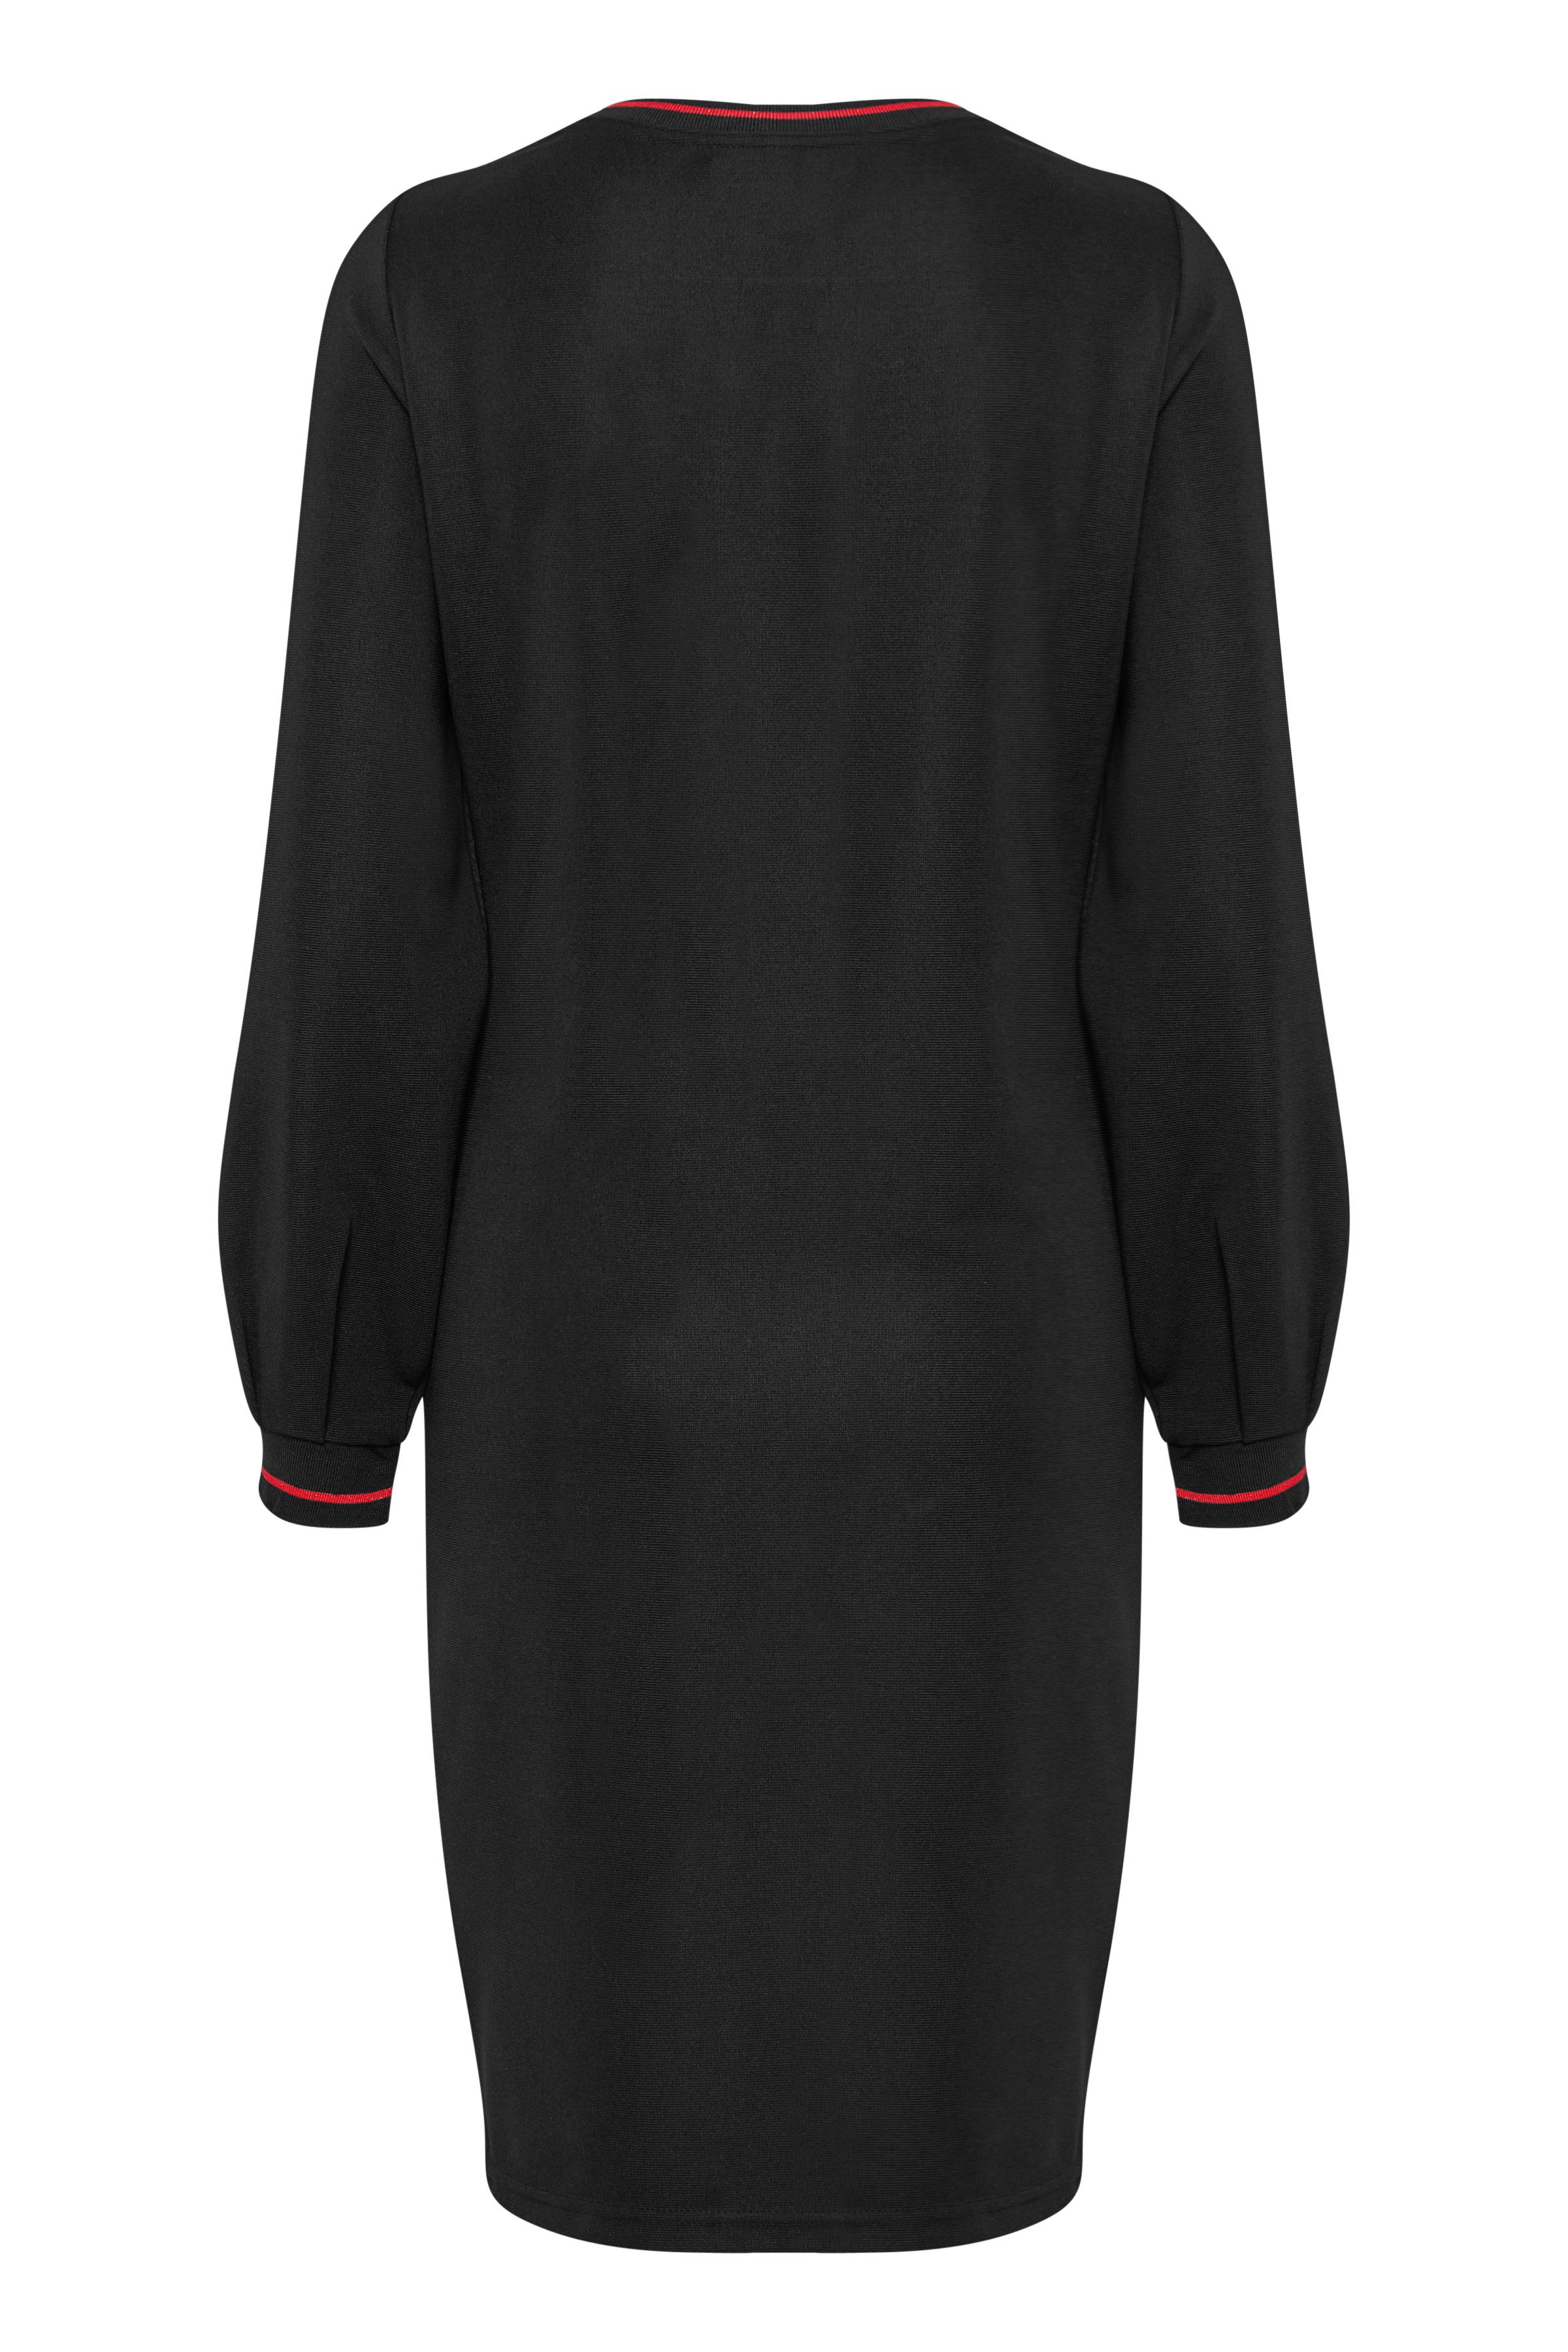 Black Jerseyklänning från b.young – Köp Black Jerseyklänning från storlek XS-XXL här